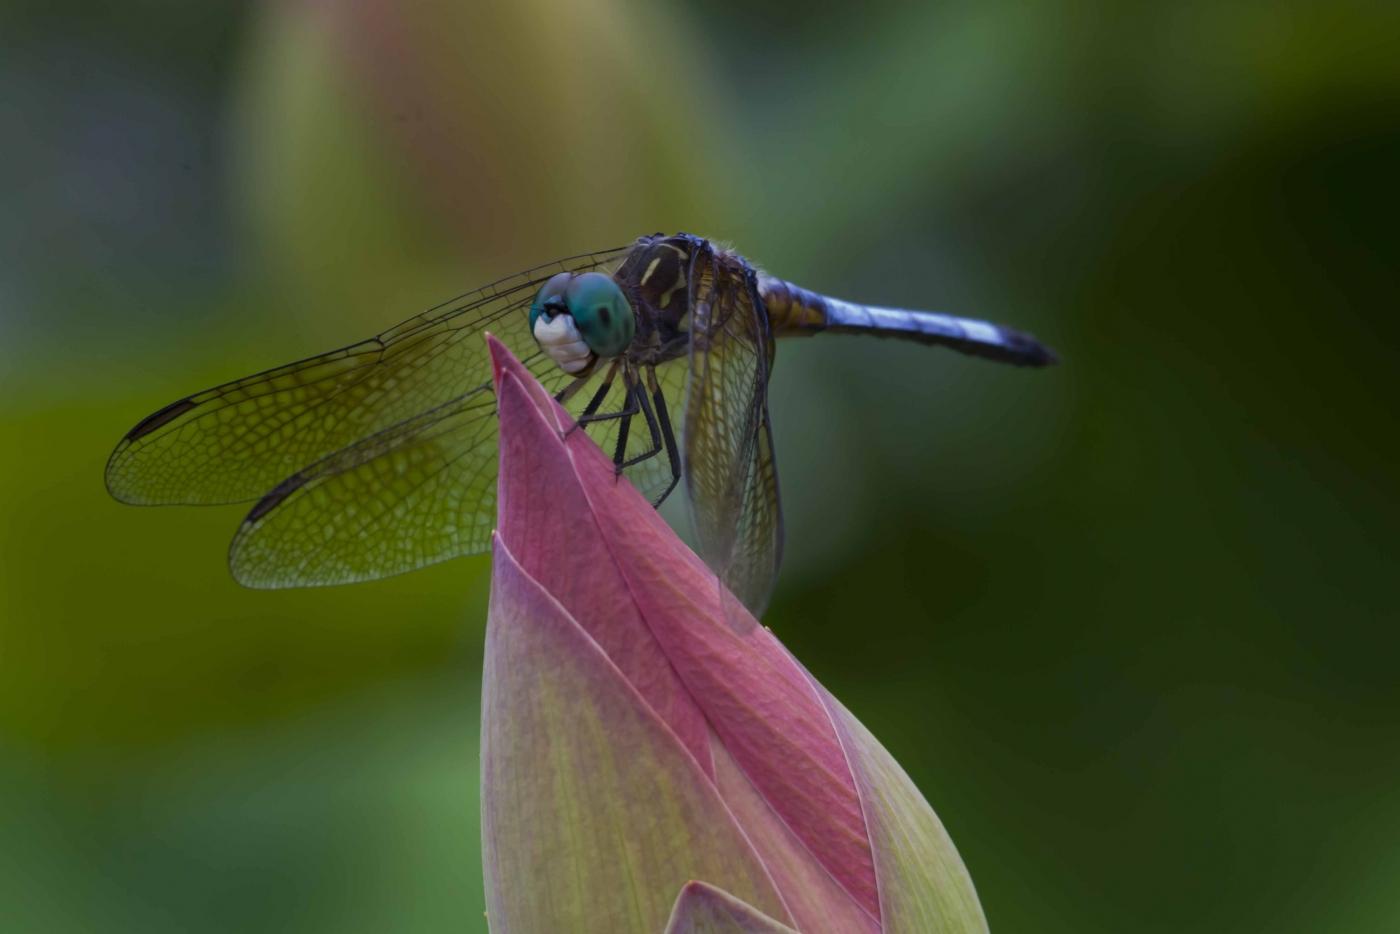 蜻蜓_图1-5